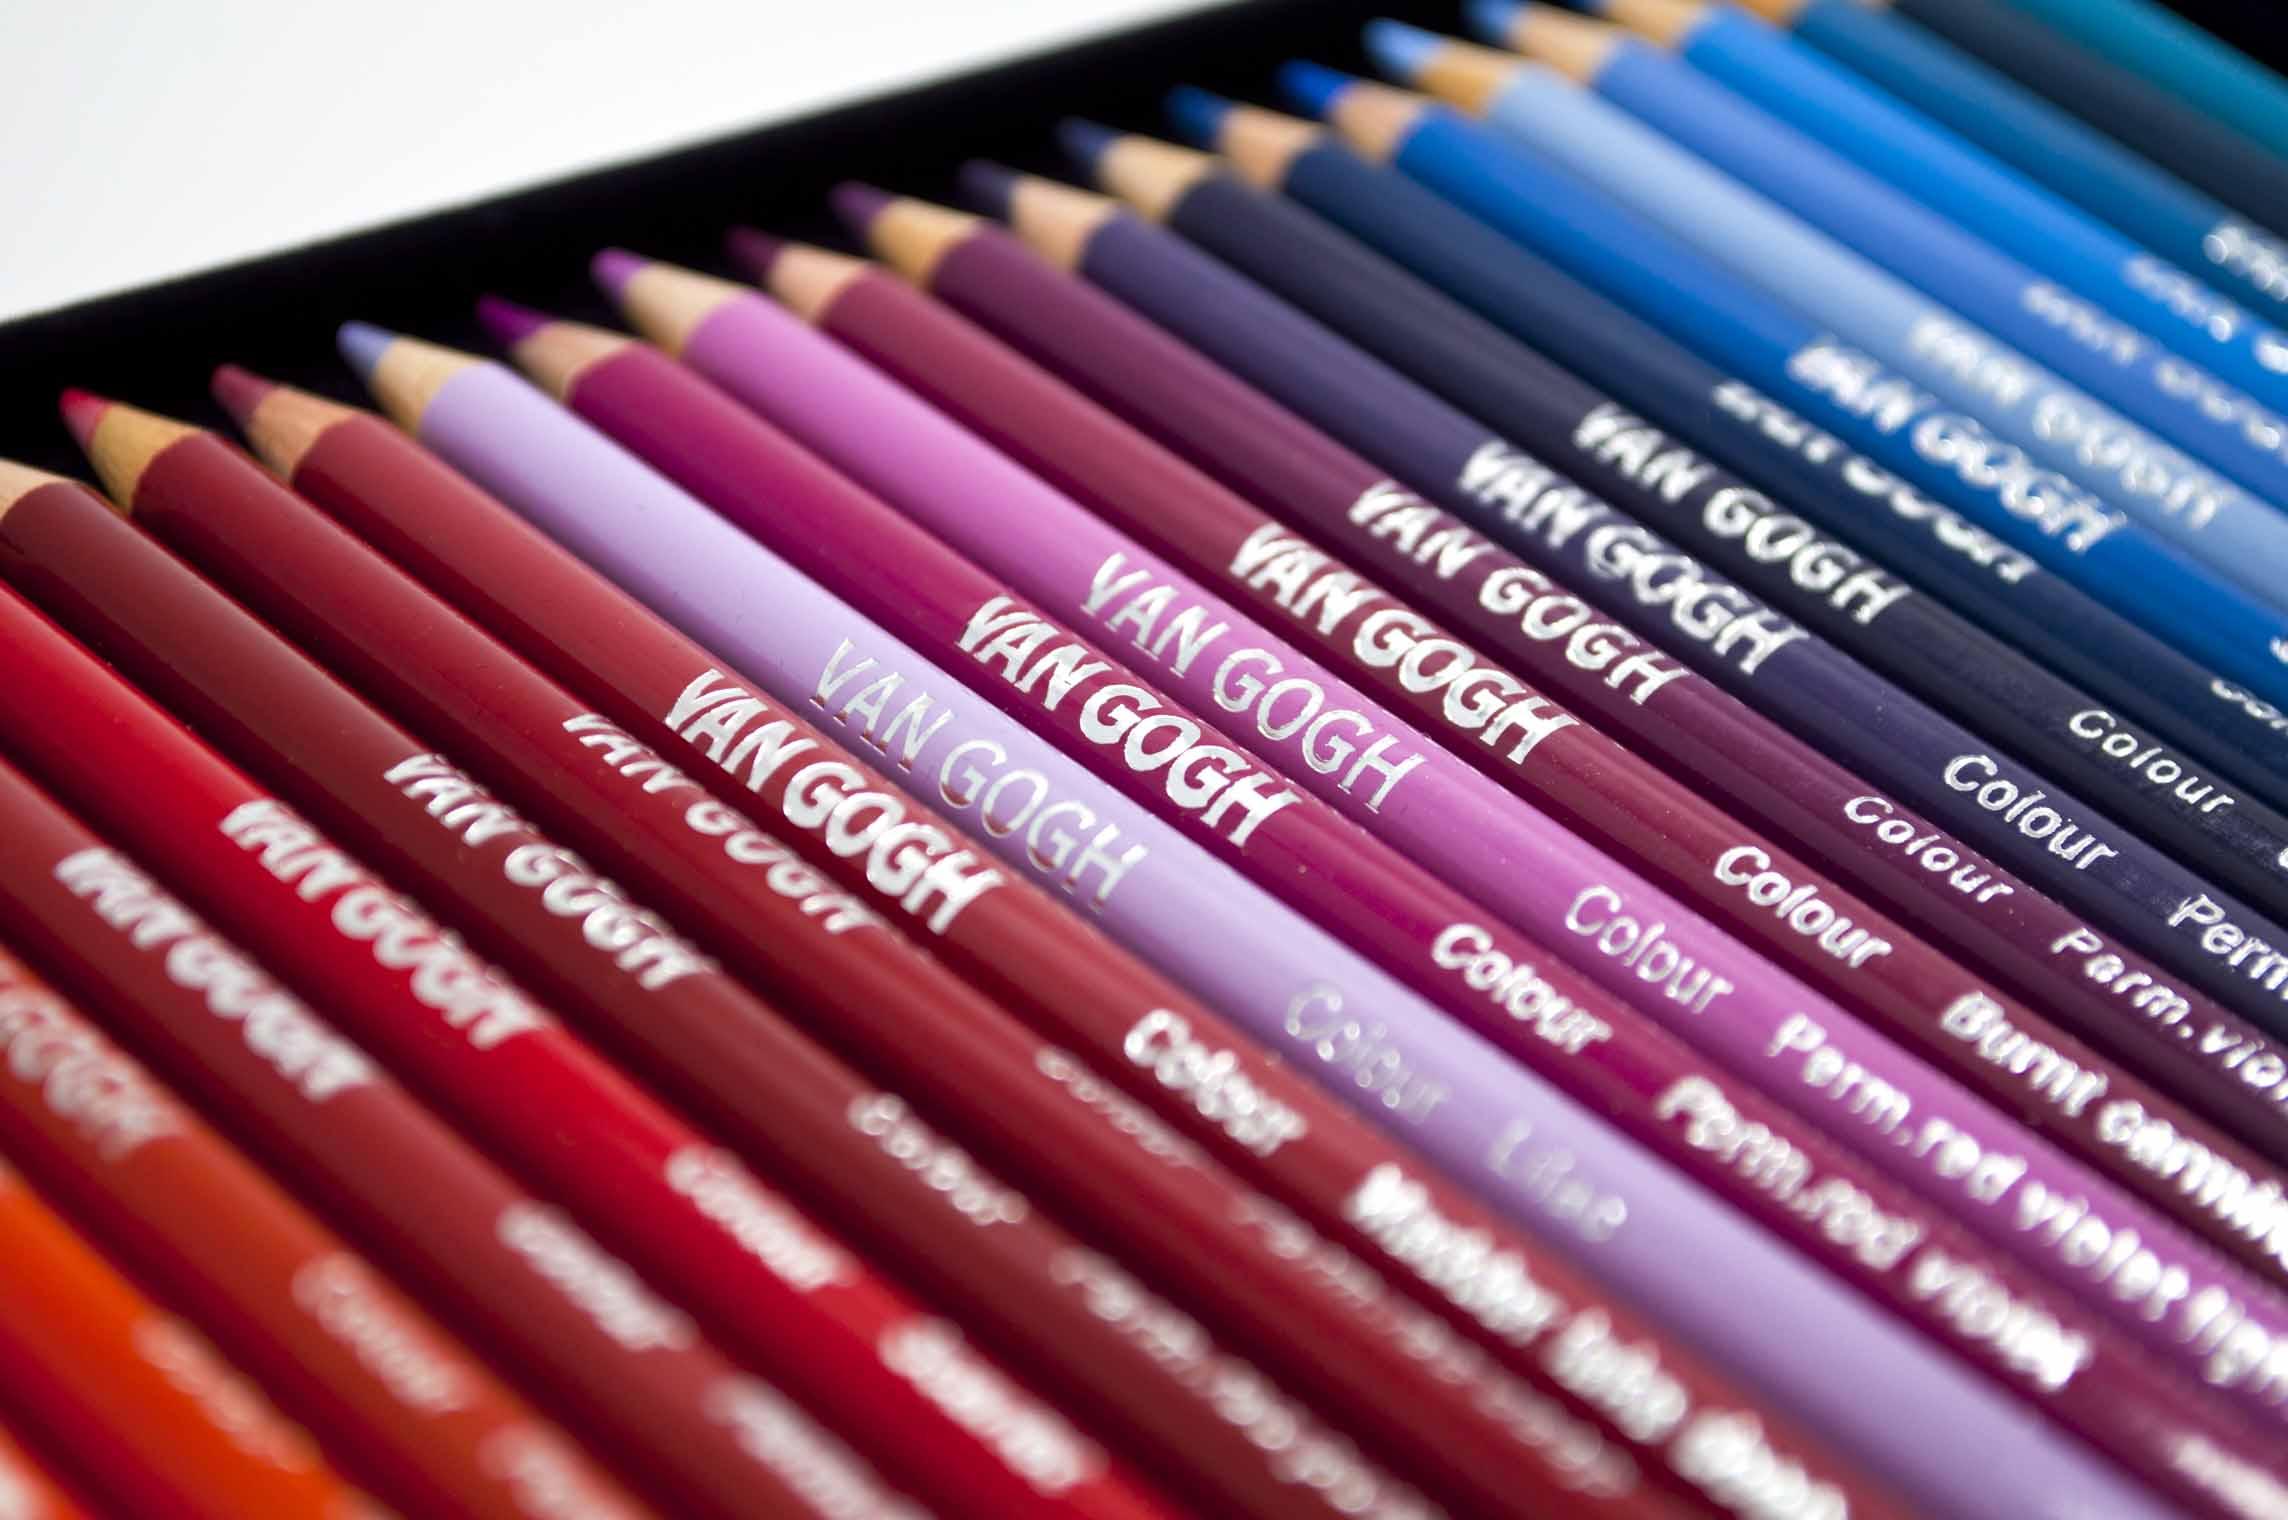 Van Gogh Close Up Of Pencils.jpg